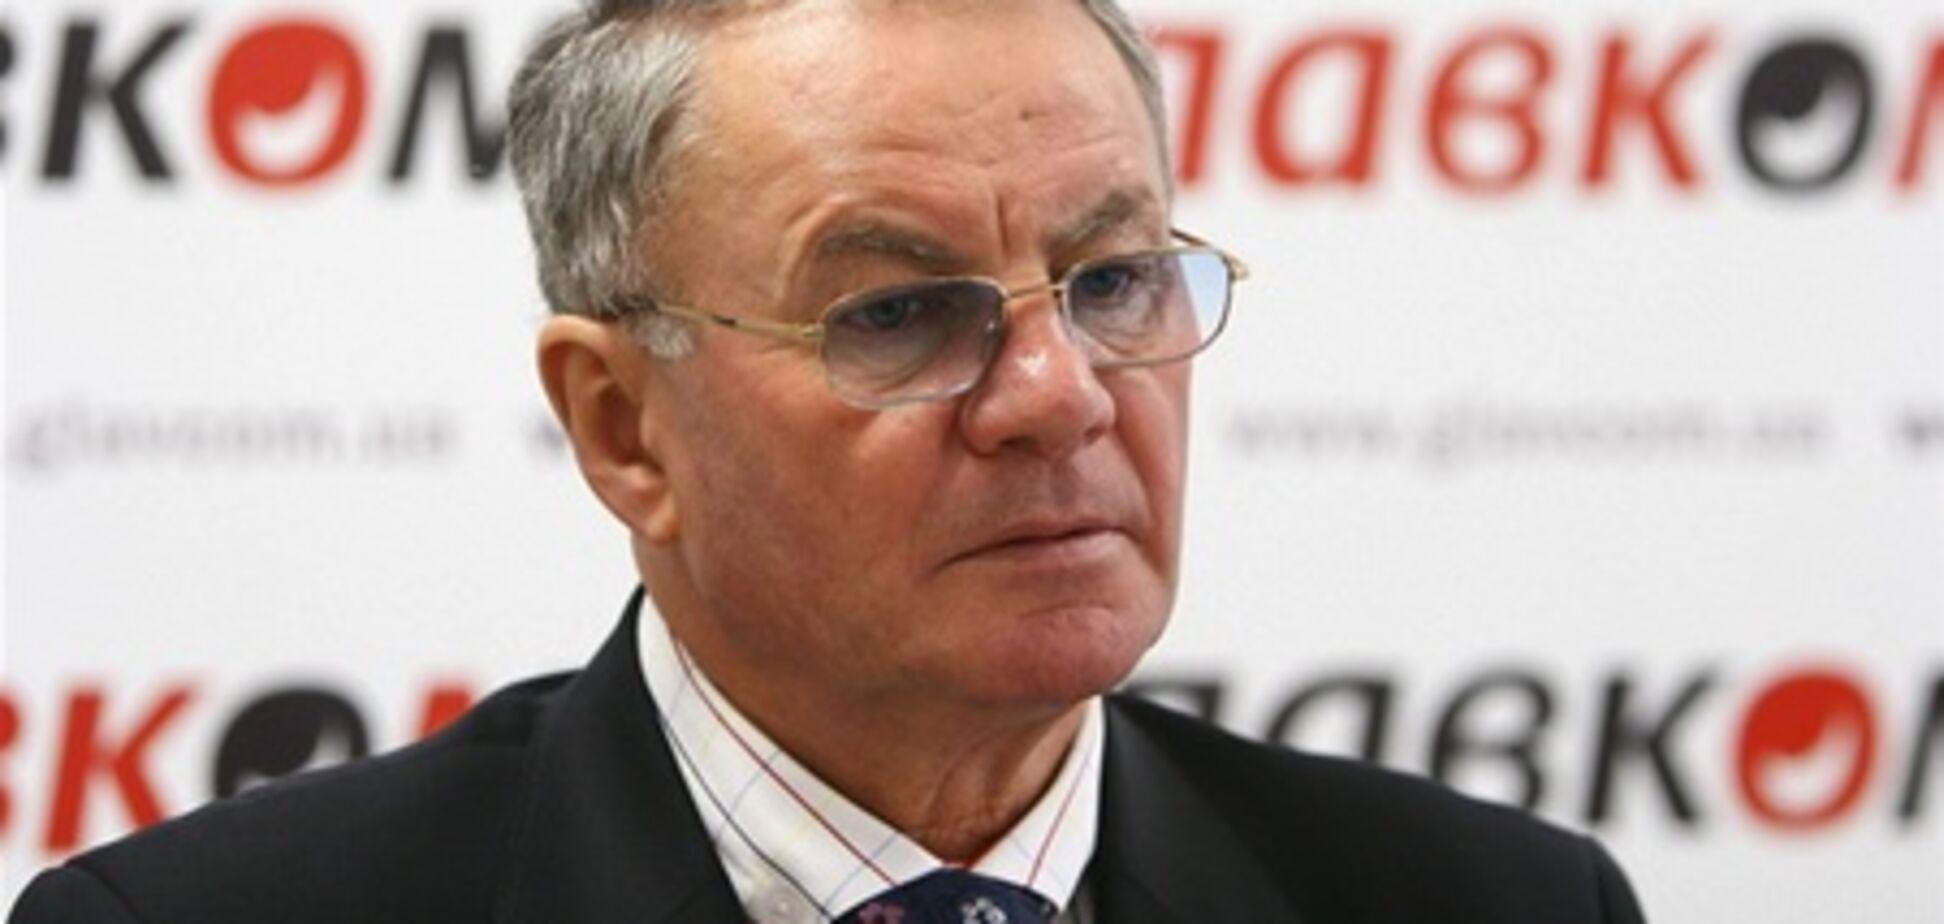 Яворивский: Яценюк привел тушек в список оппозиции